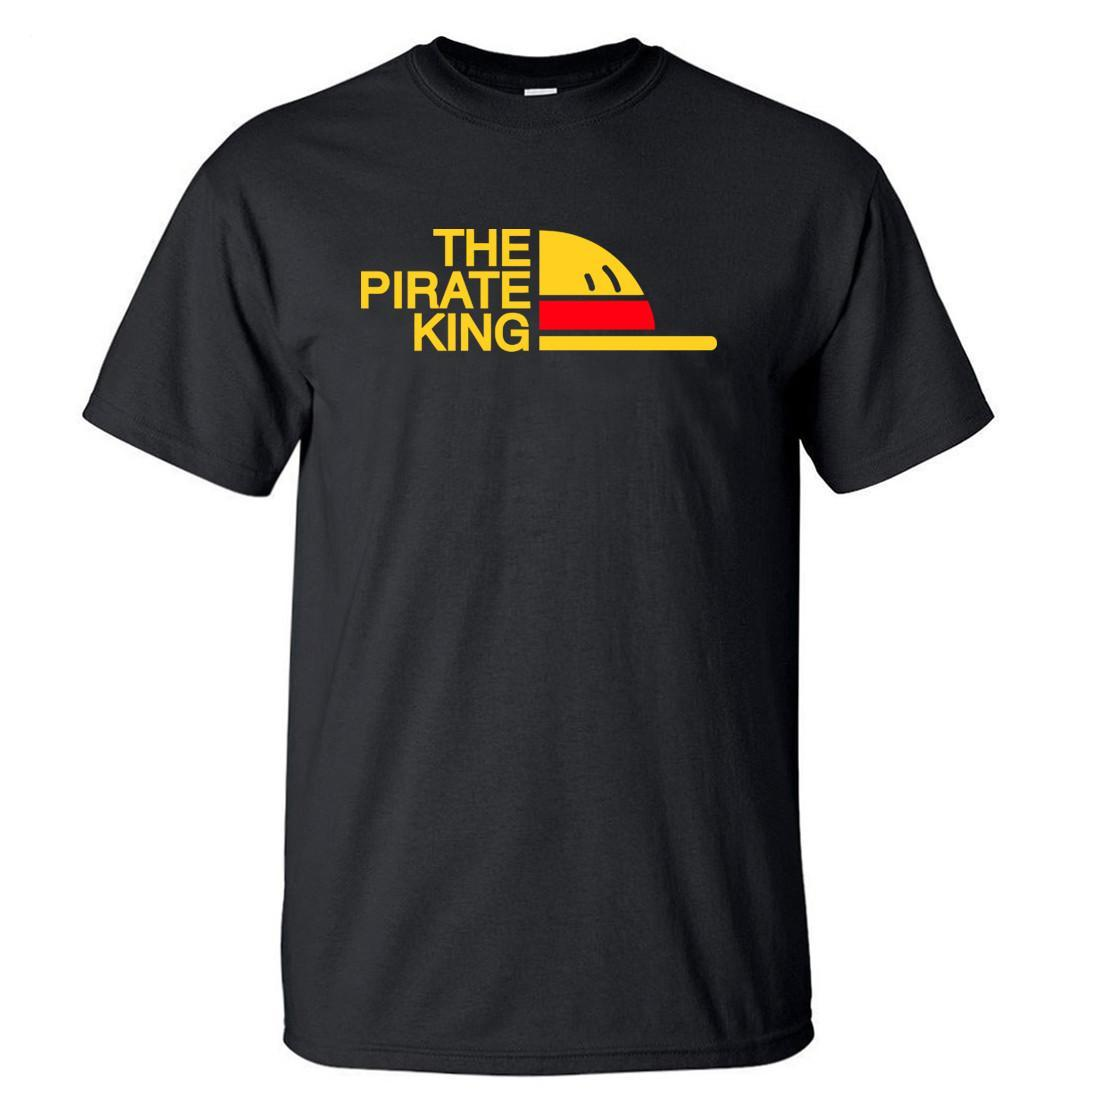 Бренд Футболка Мужчины Пиратский Король футболка Мужская Луффи Футболка Летние Тройники Японский Аниме Хлопок с коротким рукавом Мужчины S-3XL